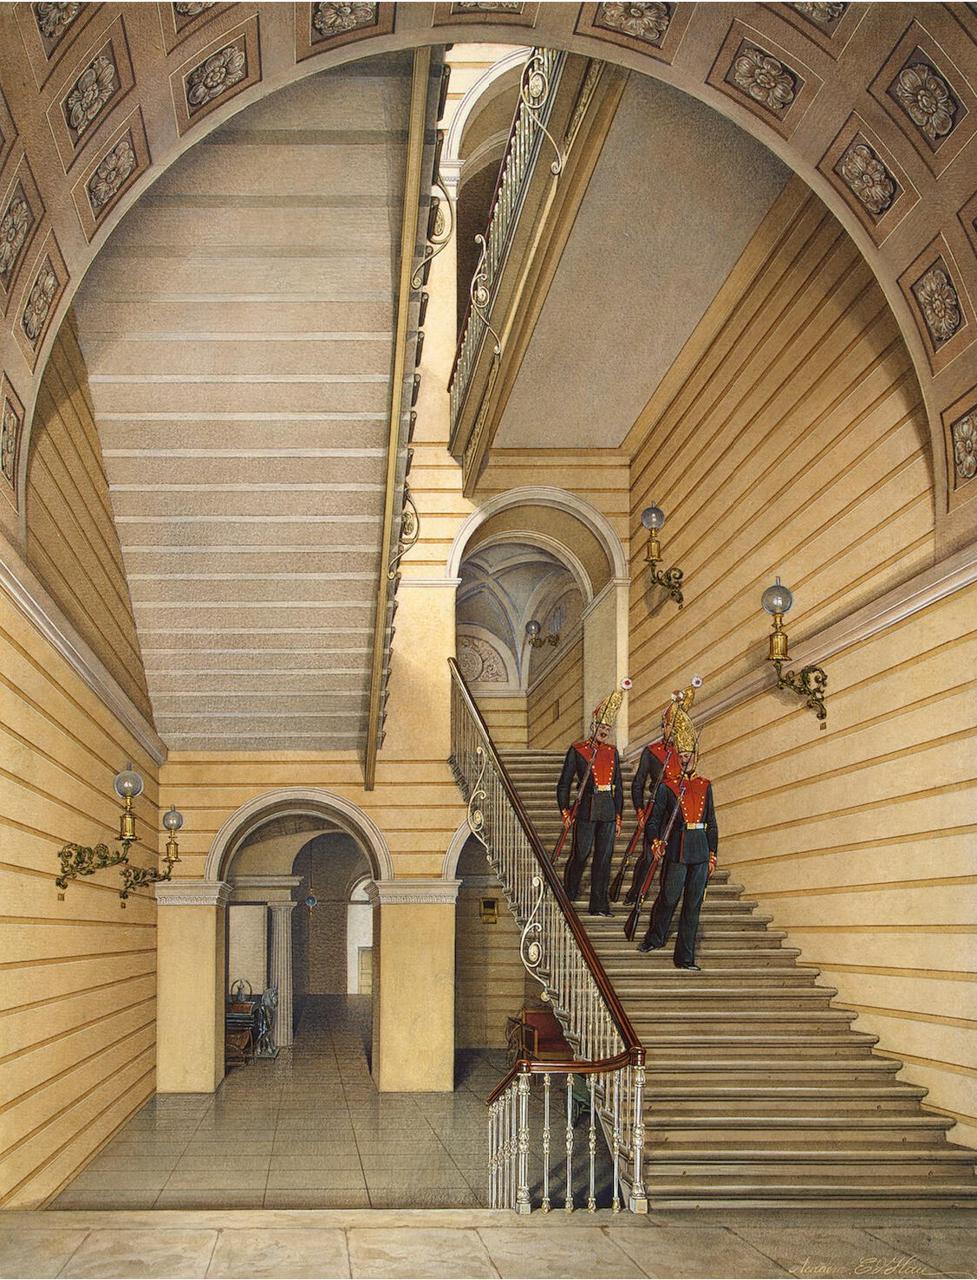 Интерьеры Зимнего дворца. Лестница в церкви